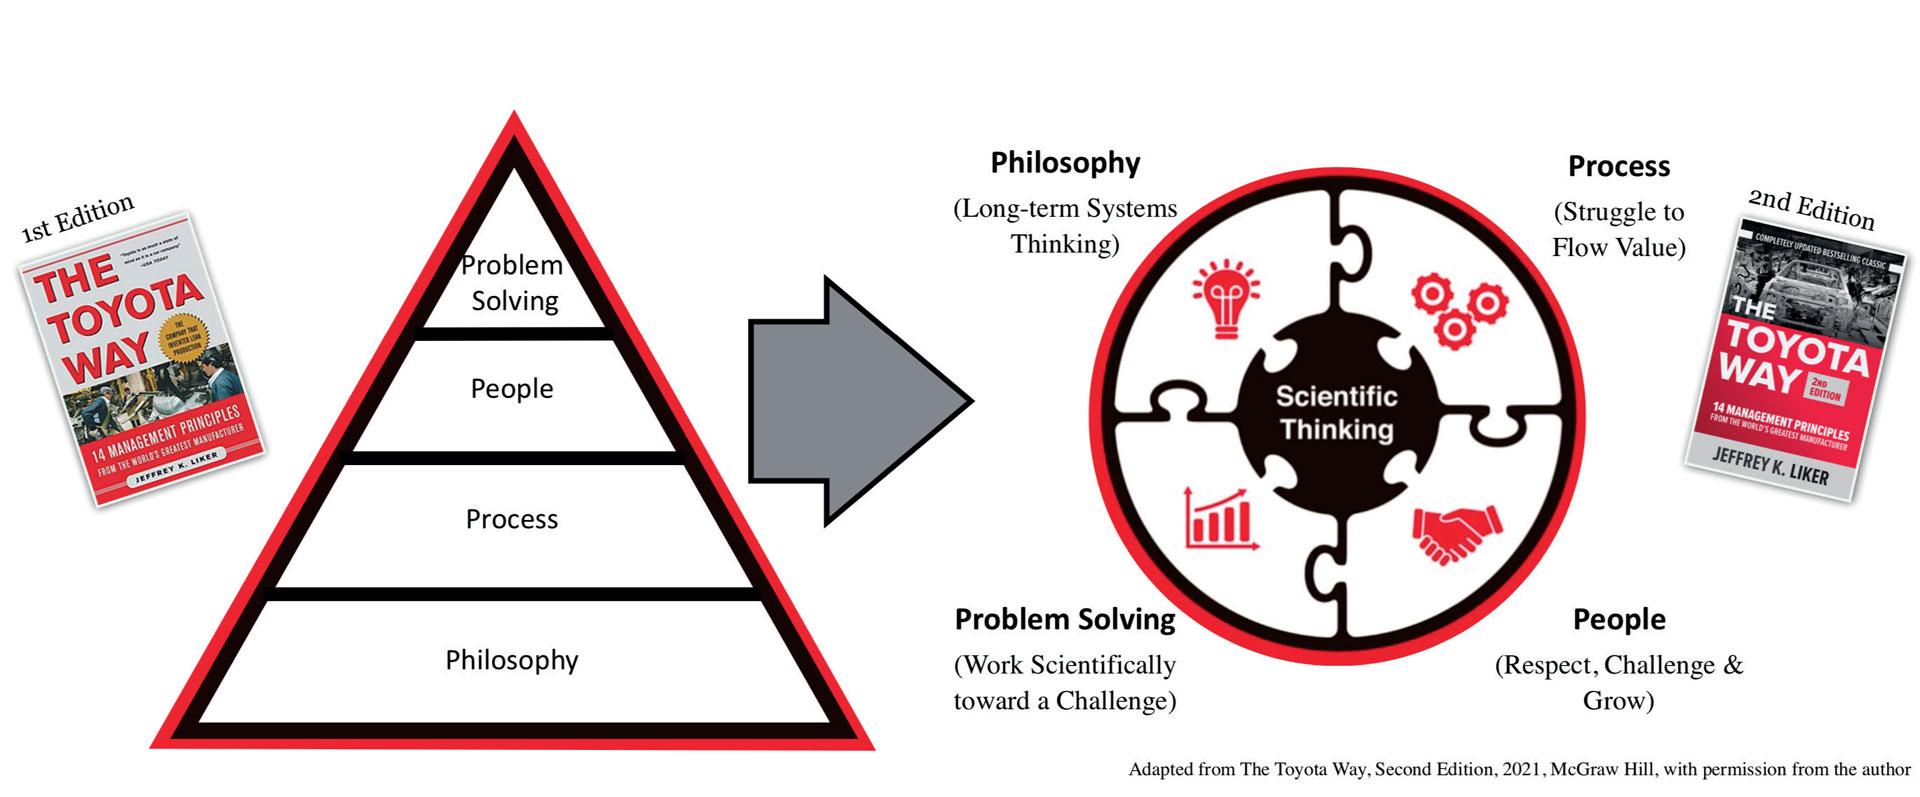 Wissenschaftliche Denkweise & Toyota Weg als System – eine Erweiterung des 4P-Modells